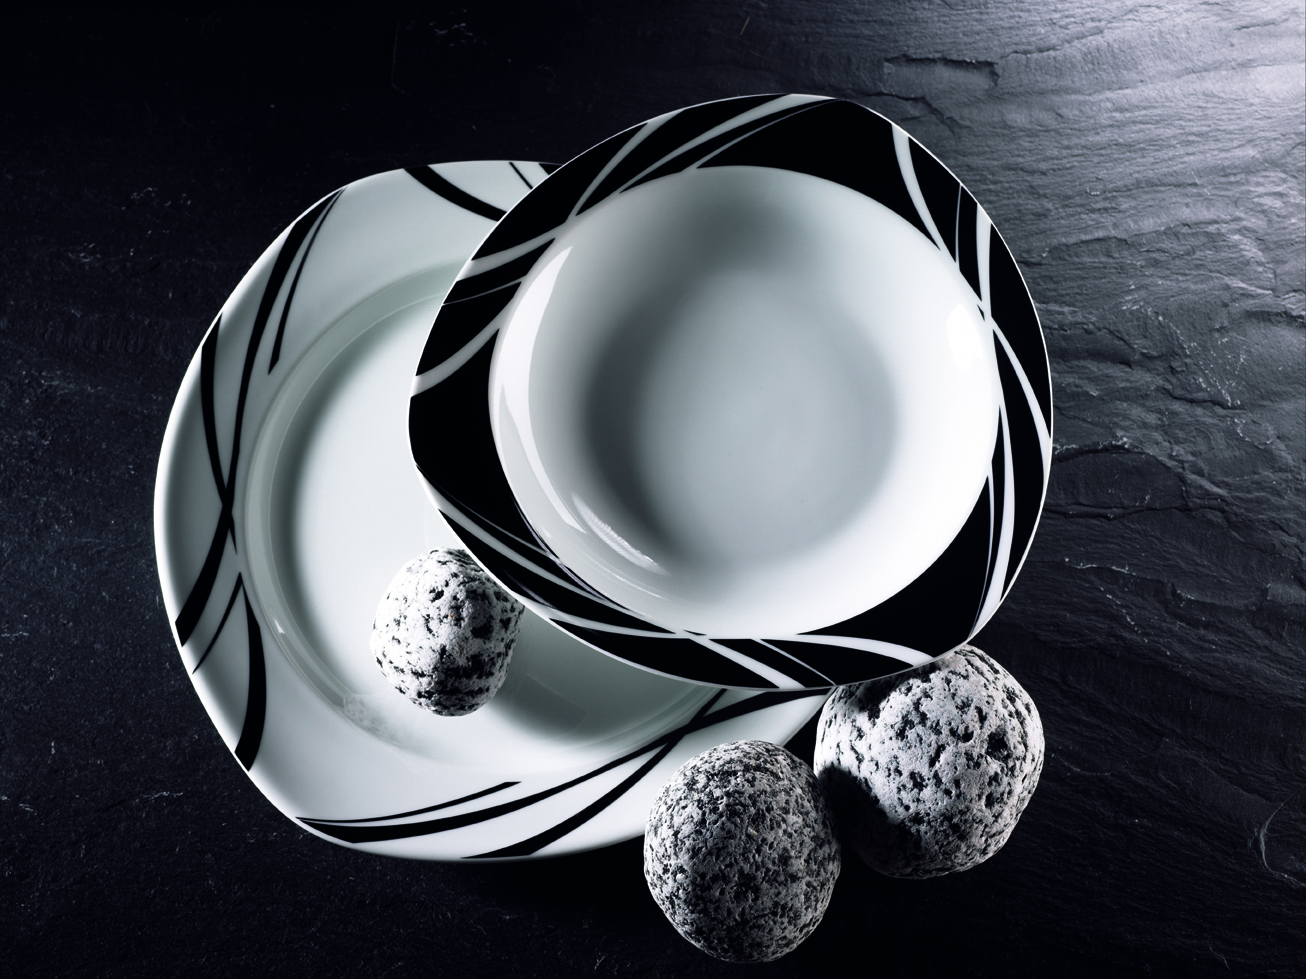 Domestic madonna 920667 servizio da tavola in porcellana - Servizio piatti design ...